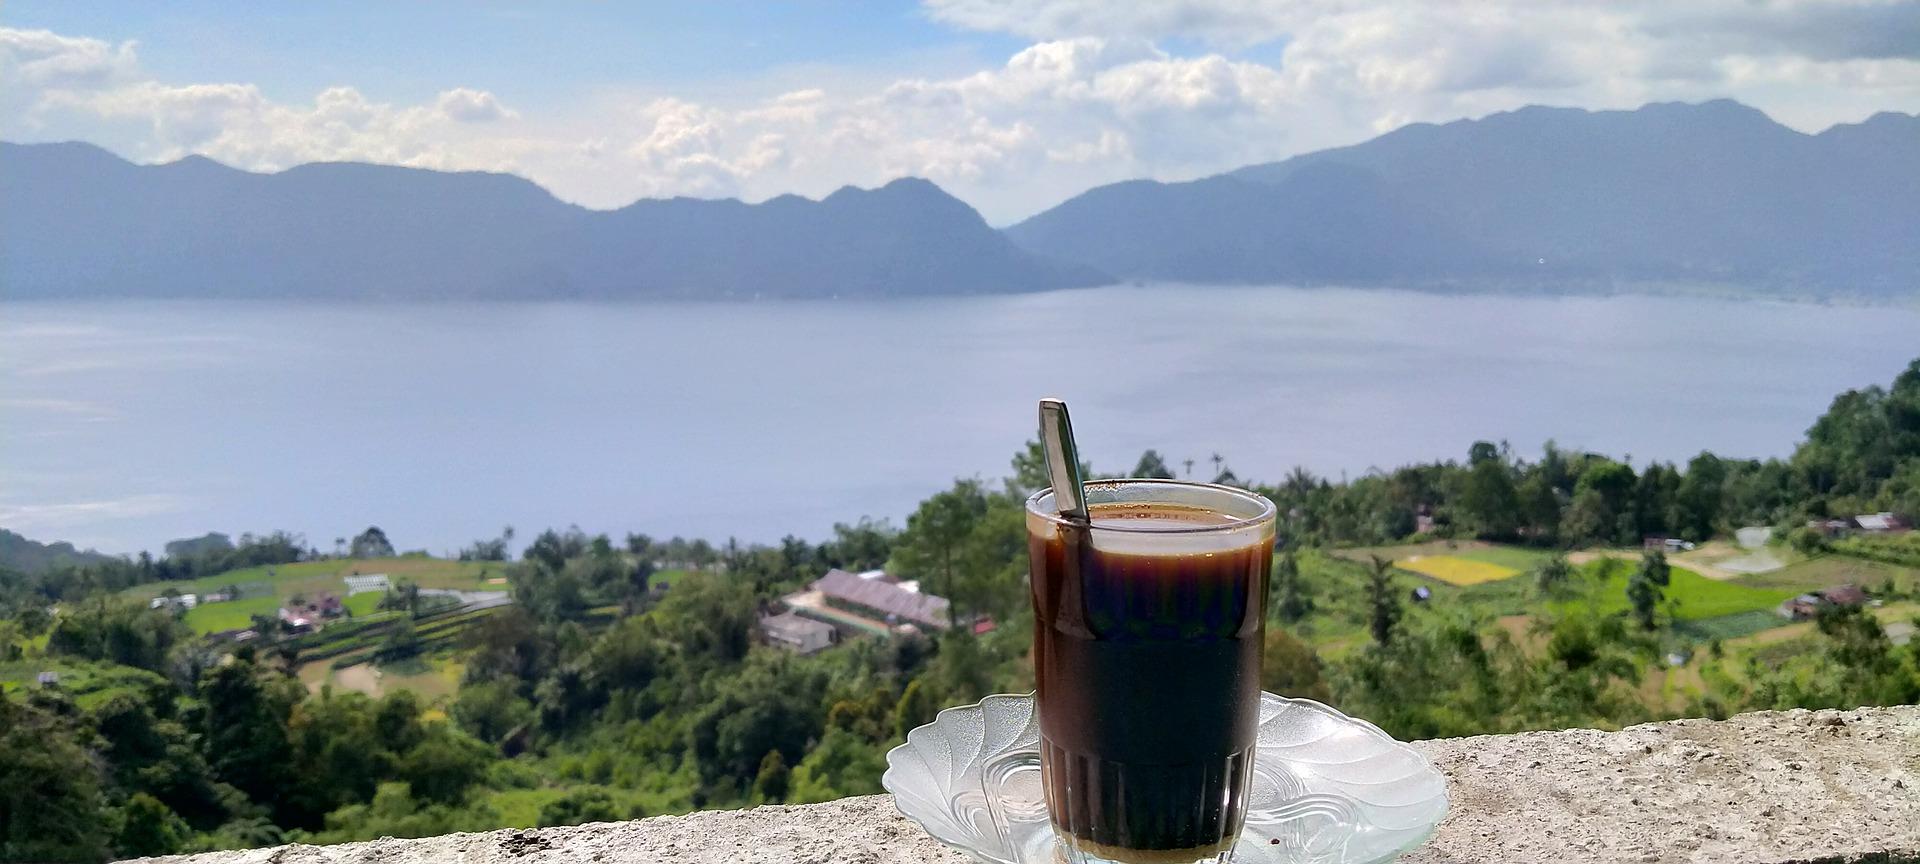 Kaffee auf einem Tisch auf einer Terasse an einem Kratersee in Sumatra